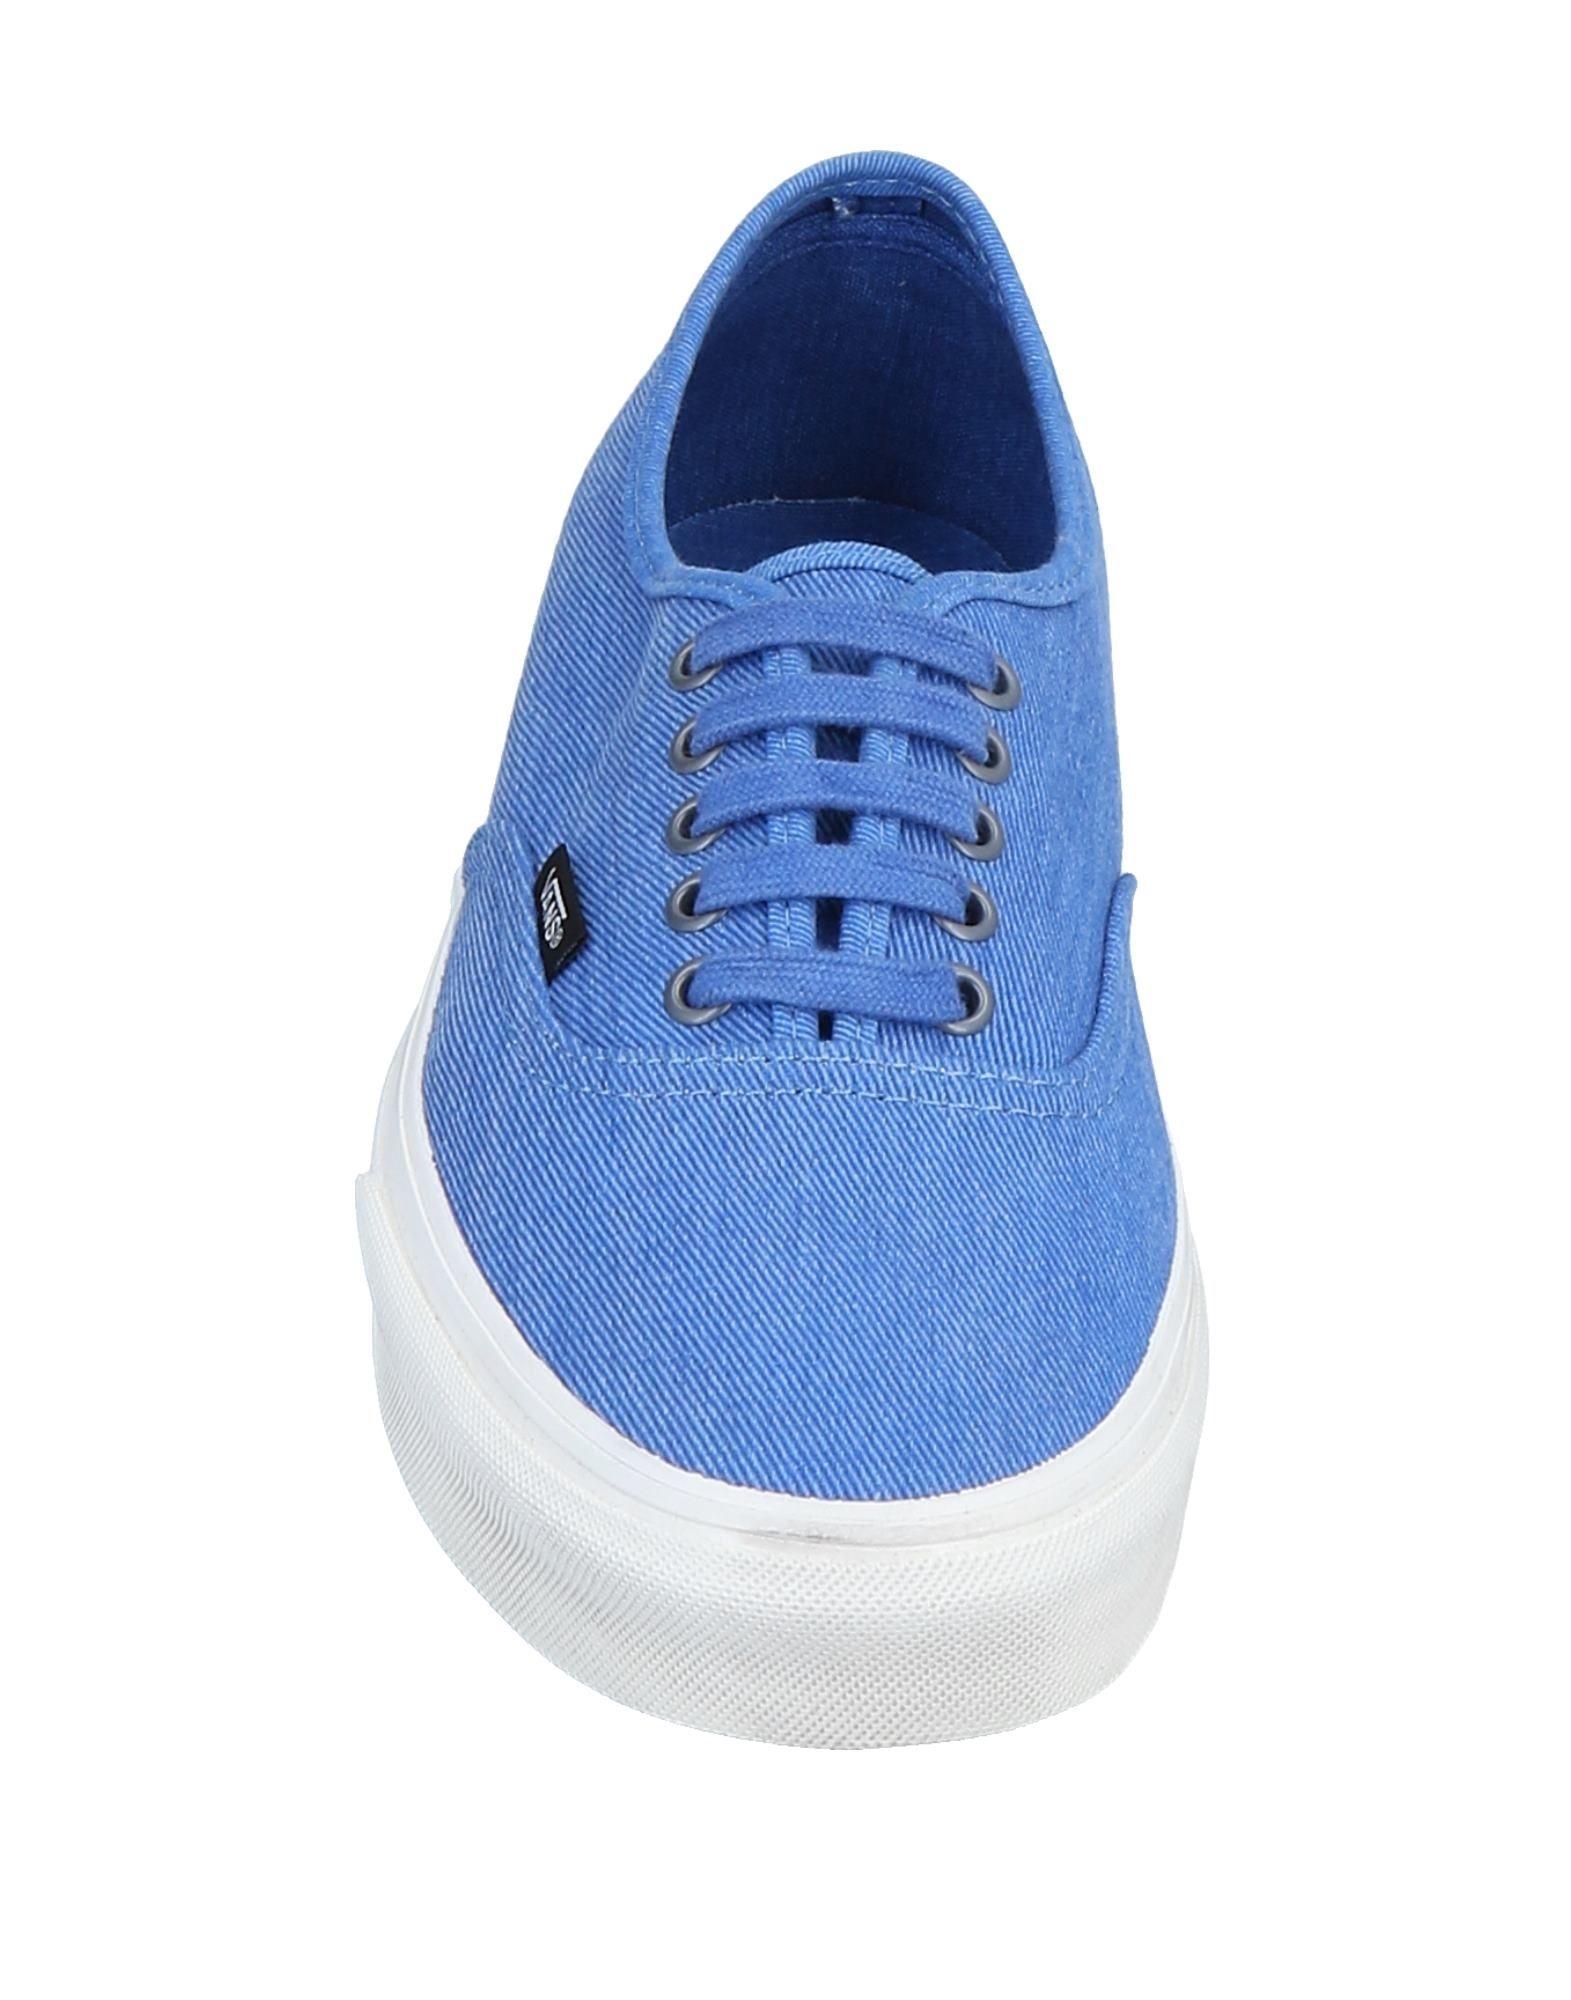 Rabatt echte  Schuhe Vans Sneakers Herren  echte 11571548UA 97496e